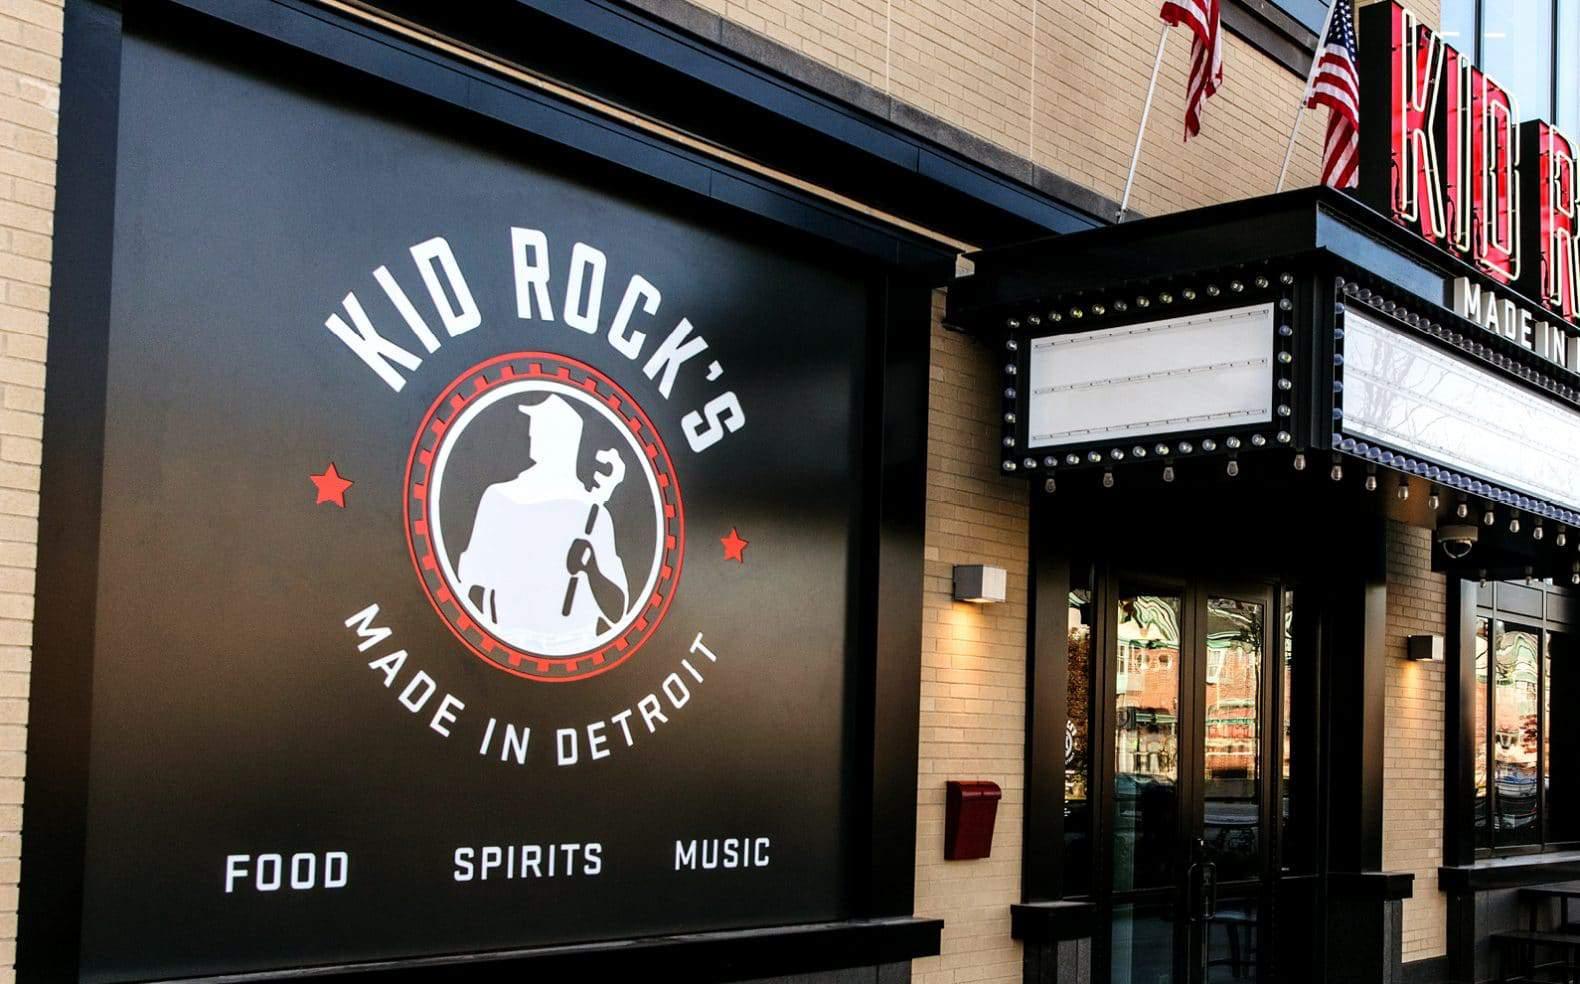 KID ROCK'S